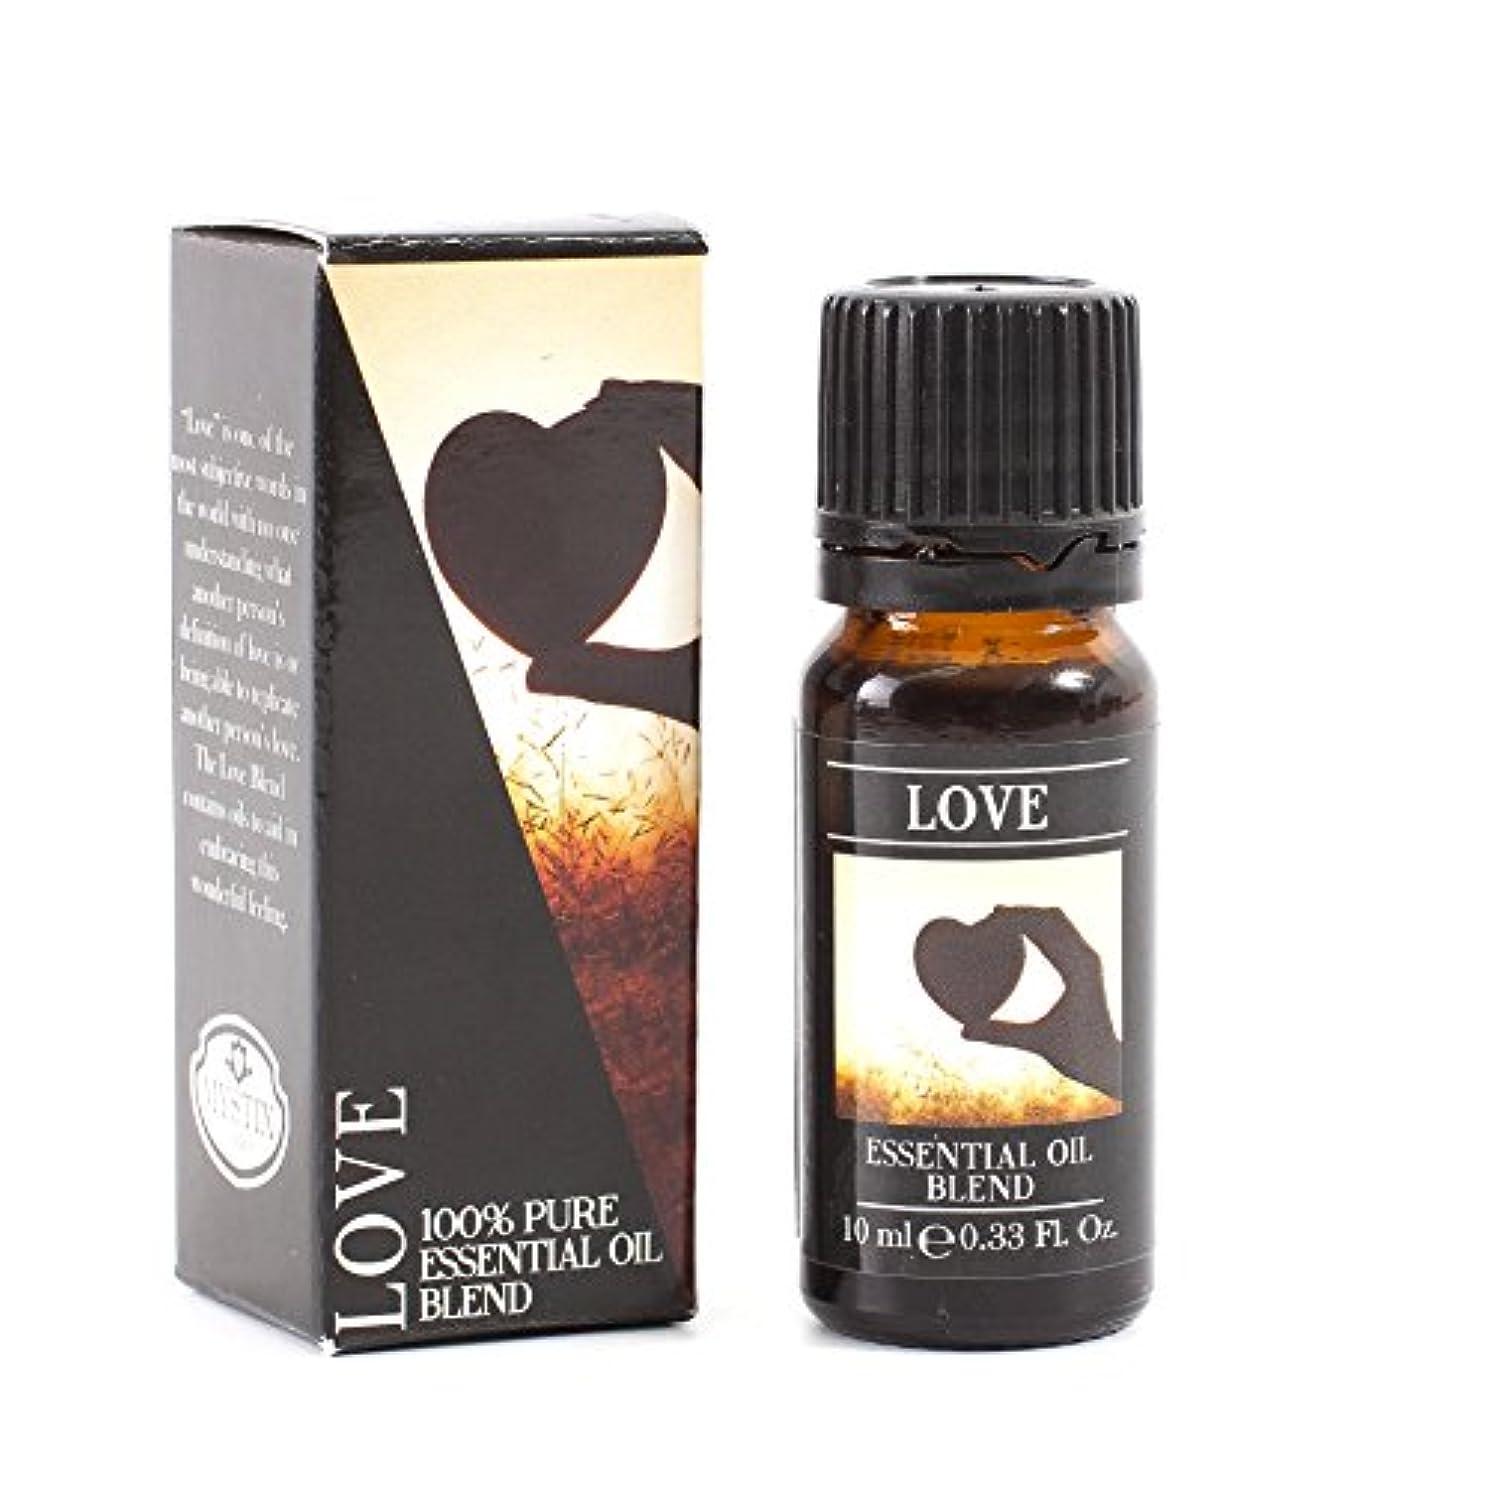 宅配便チーズ時系列Mystic Moments | Love Essential Oil Blend - 10ml - 100% Pure